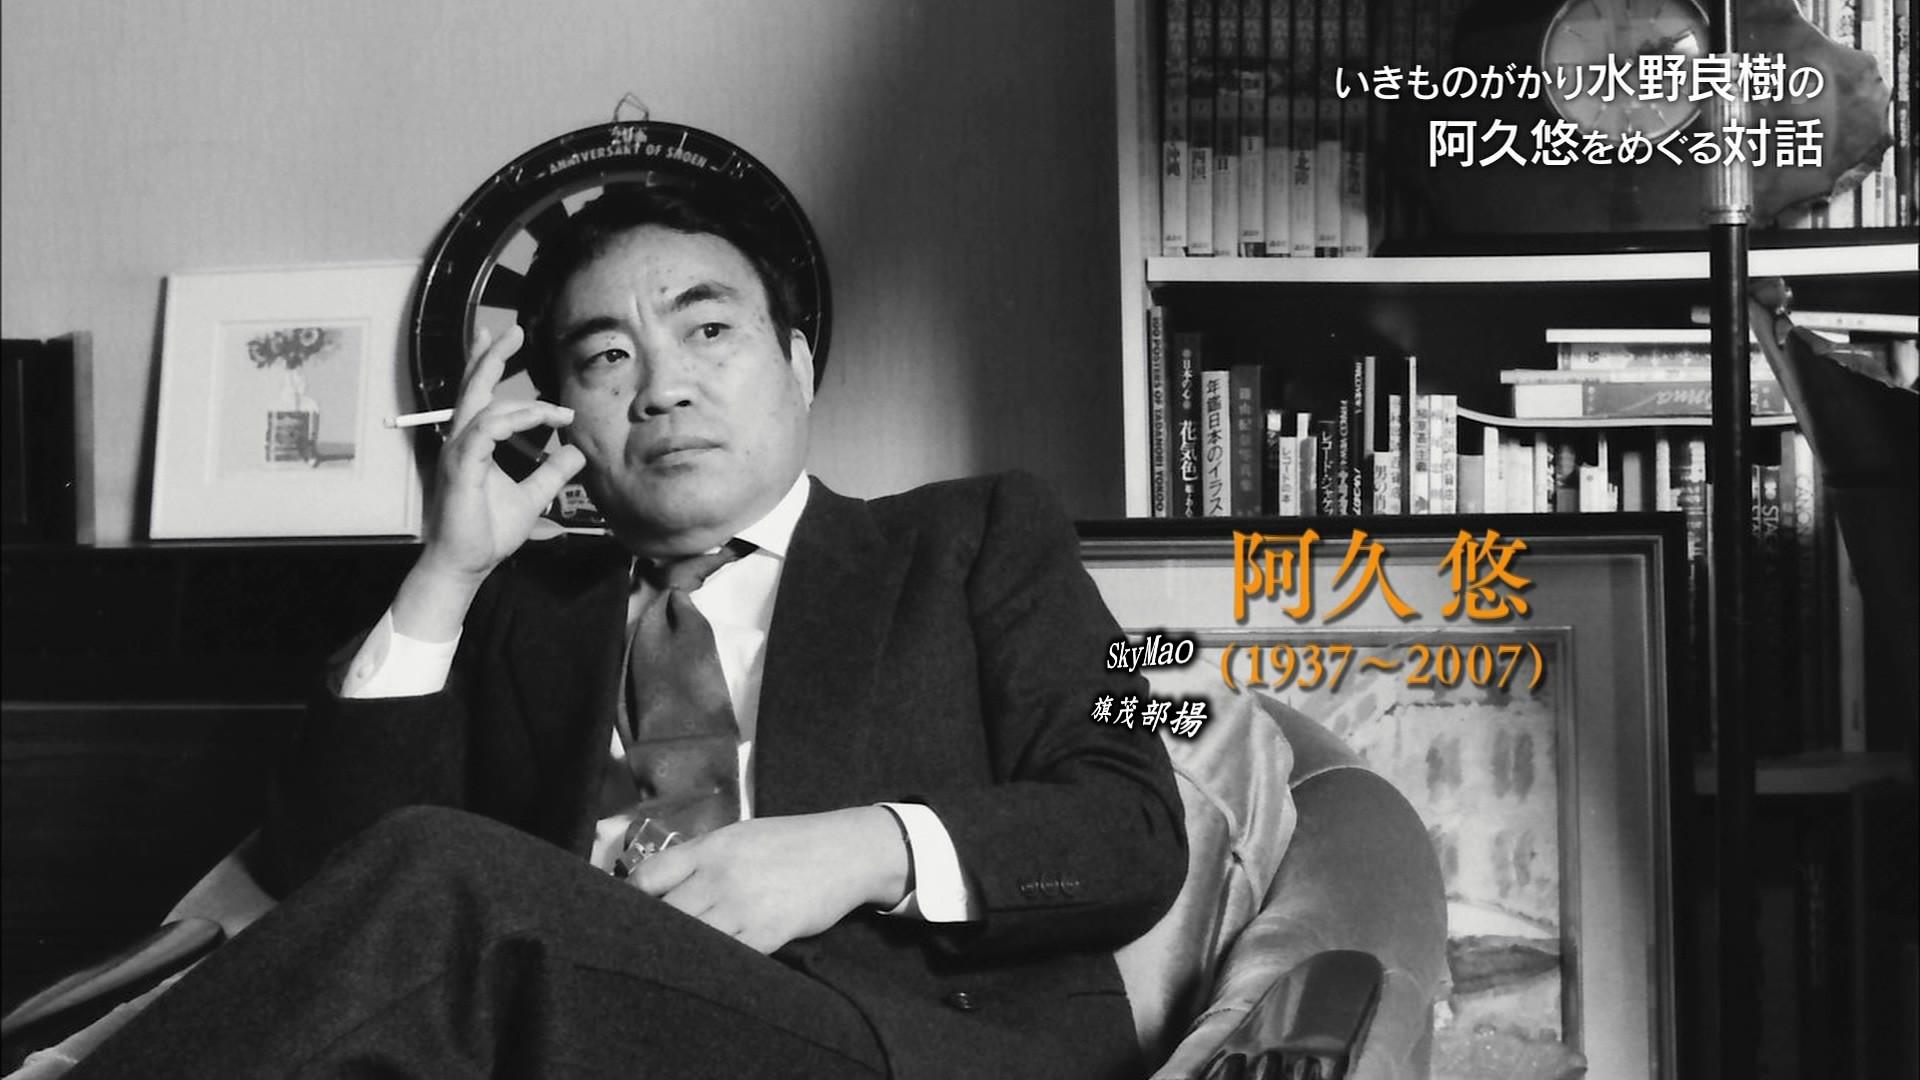 2017.09.23 全場(いきものがかり水野良樹の阿久悠をめぐる対話).ts_20170923_234122.825